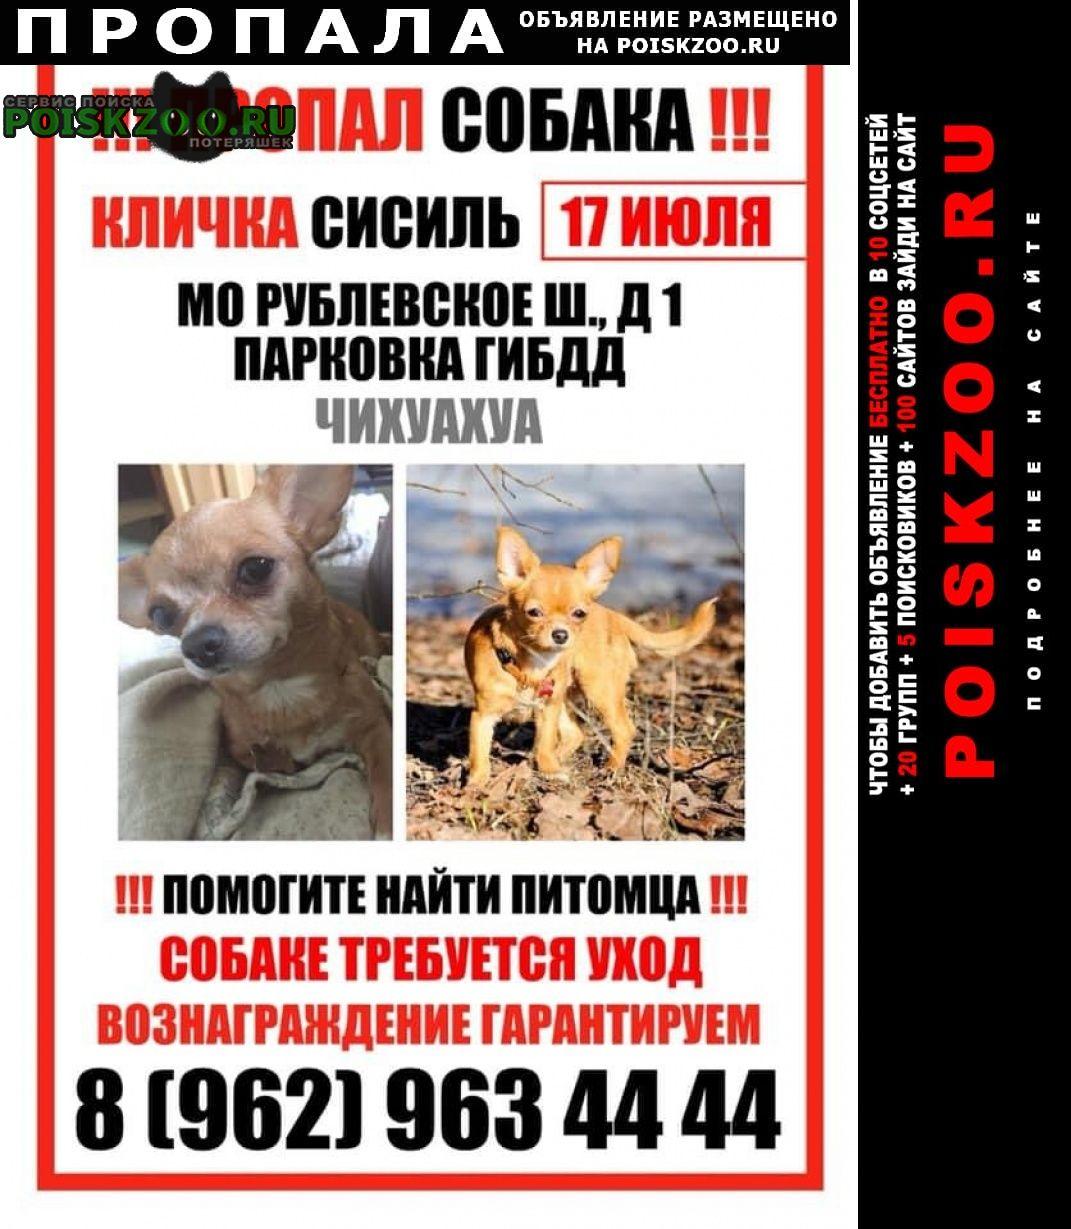 Пропала собака чахуа-хуа Москва